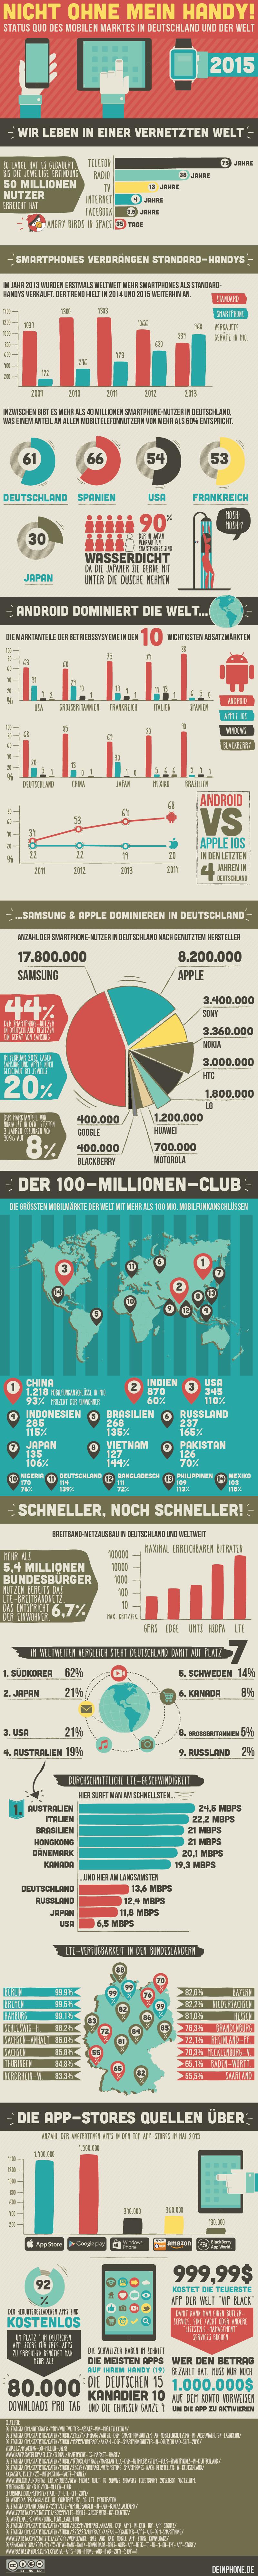 Nicht ihne mein Handy 2015 - Infografik